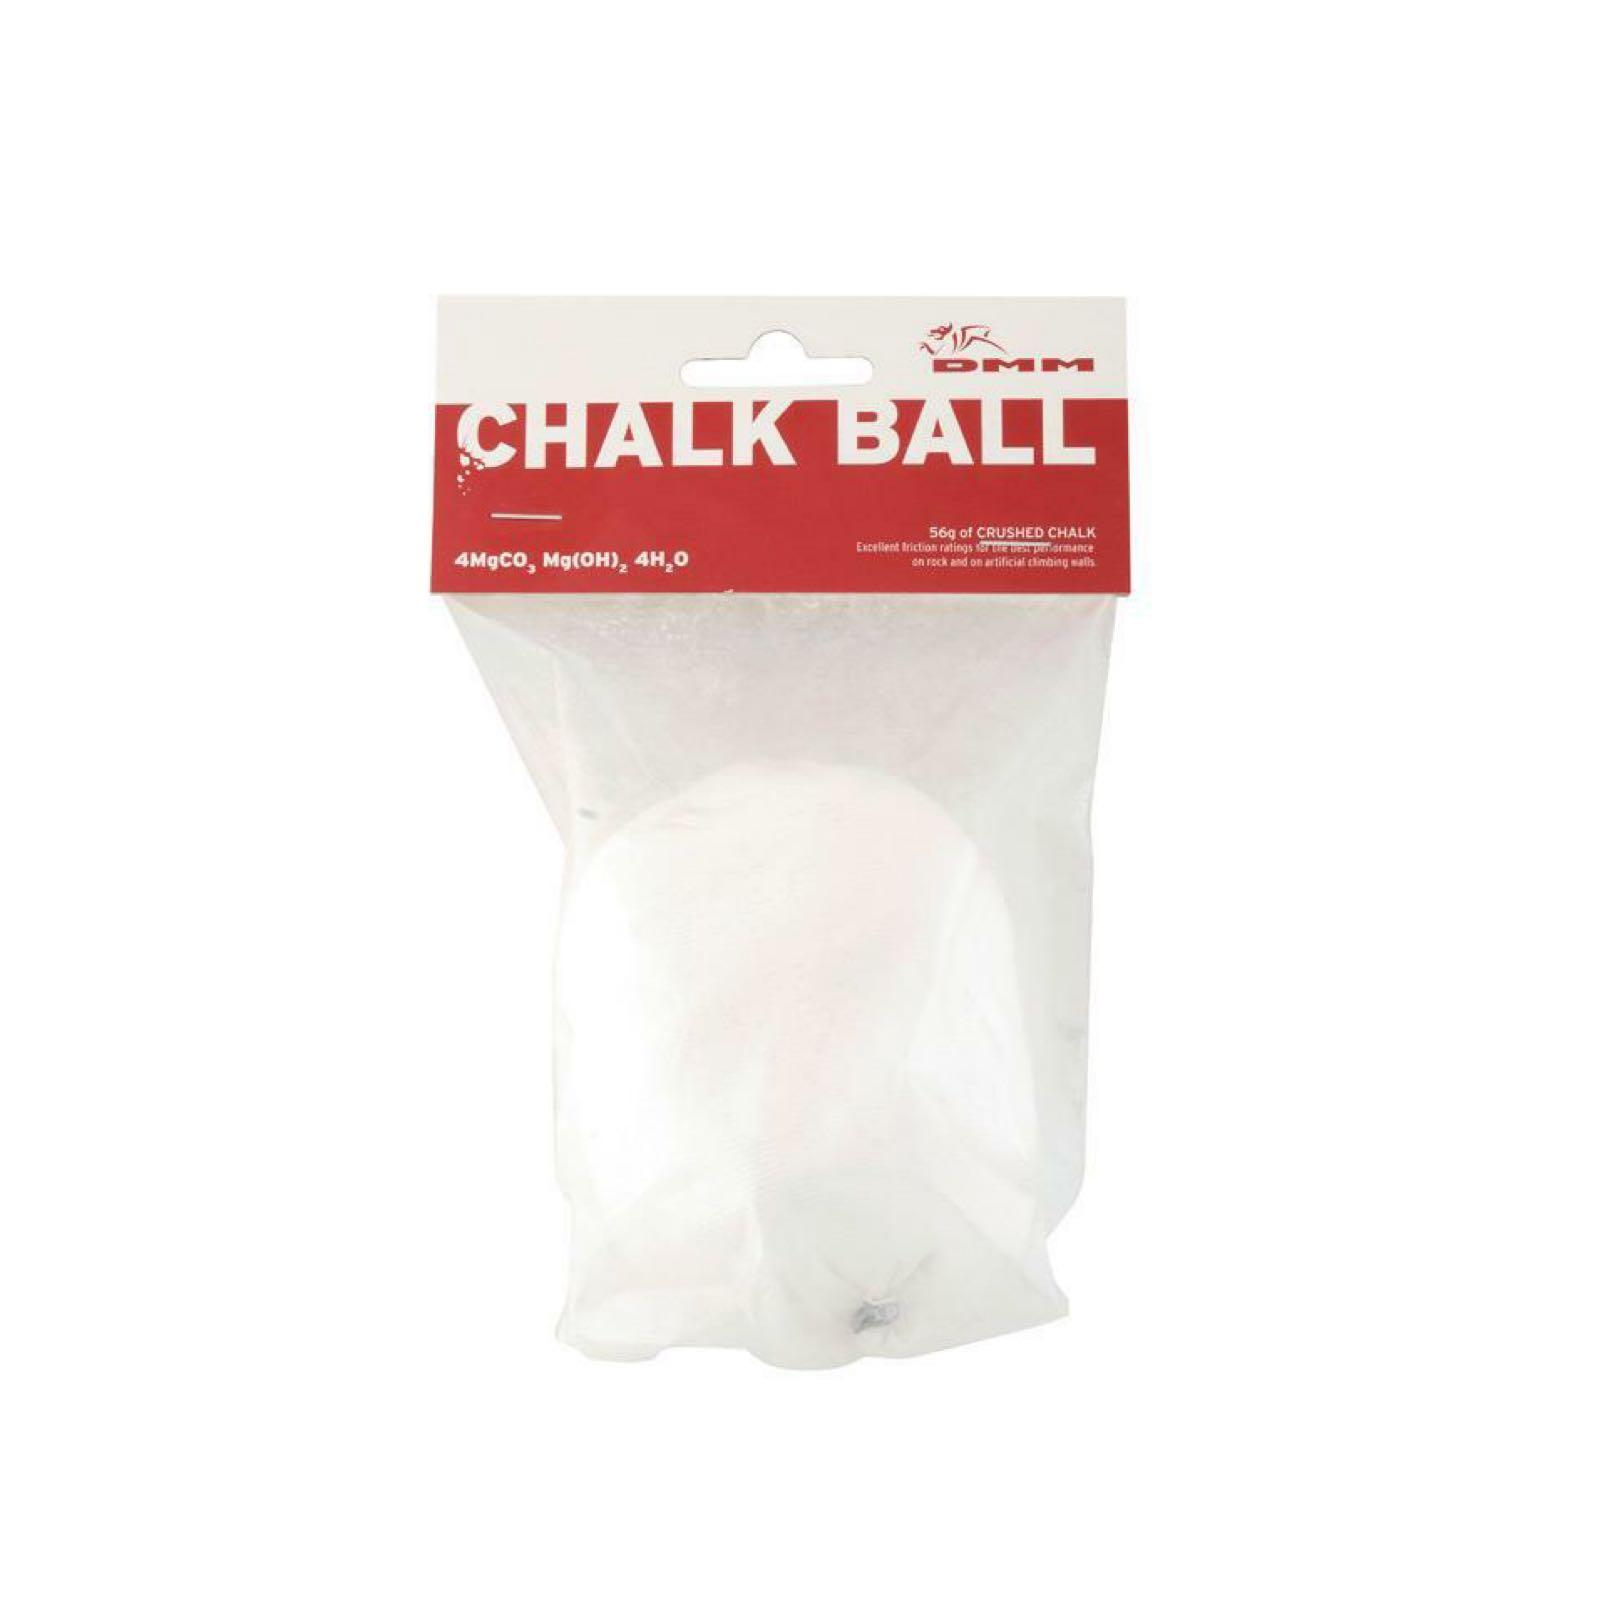 Chalk ball